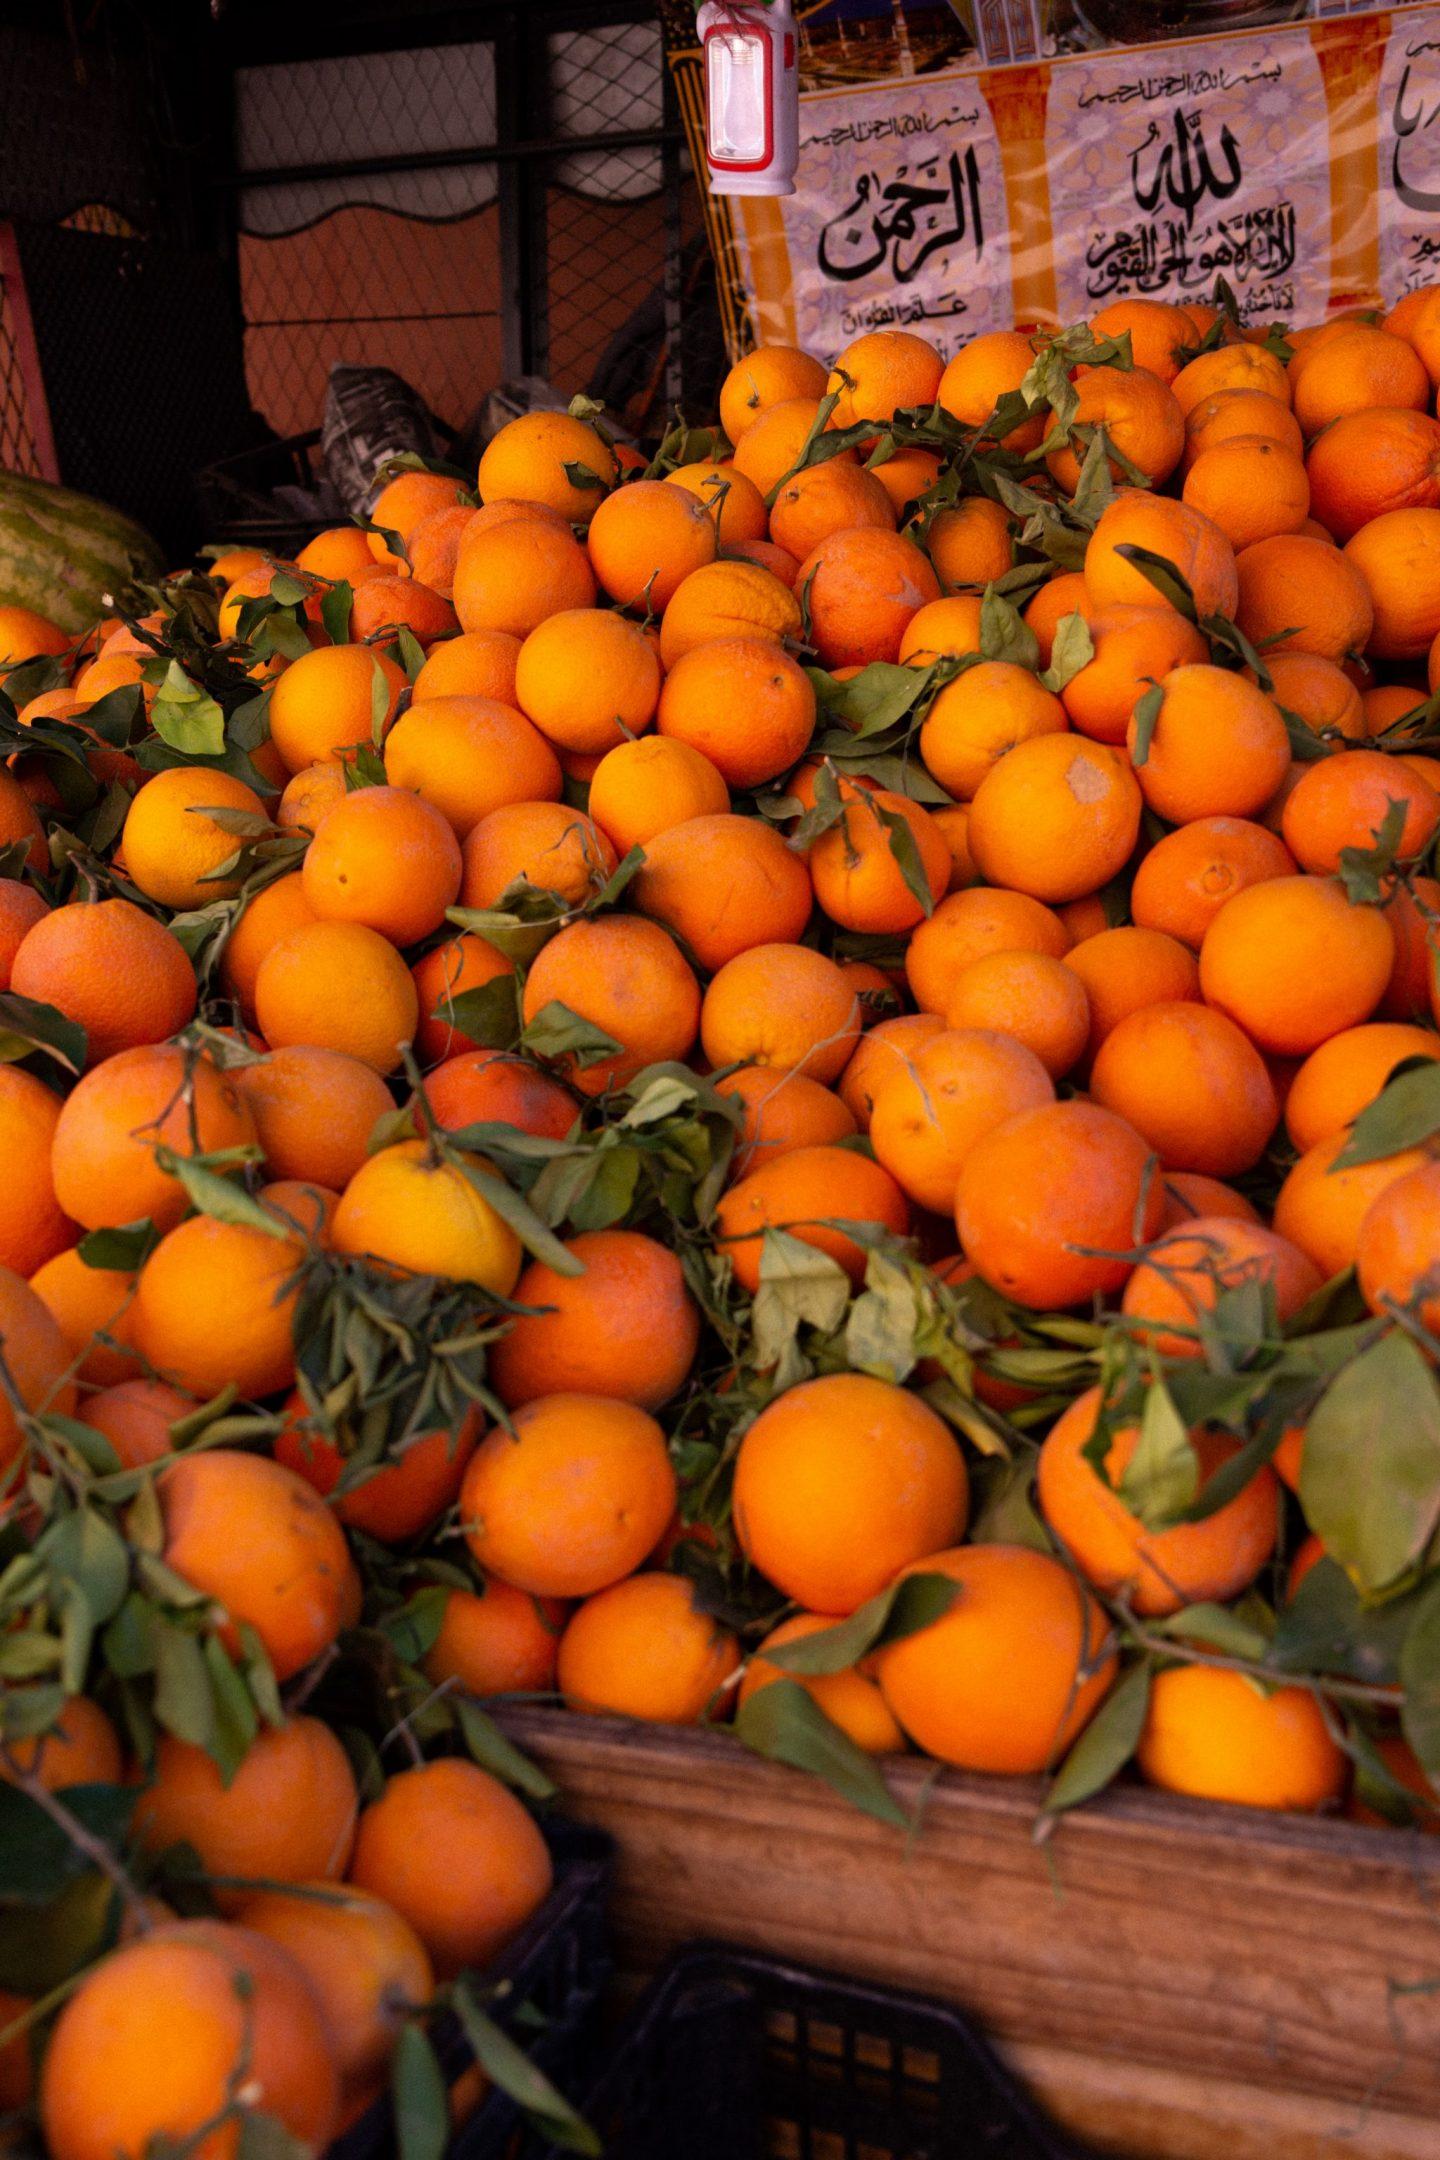 Marrakesh Oranges